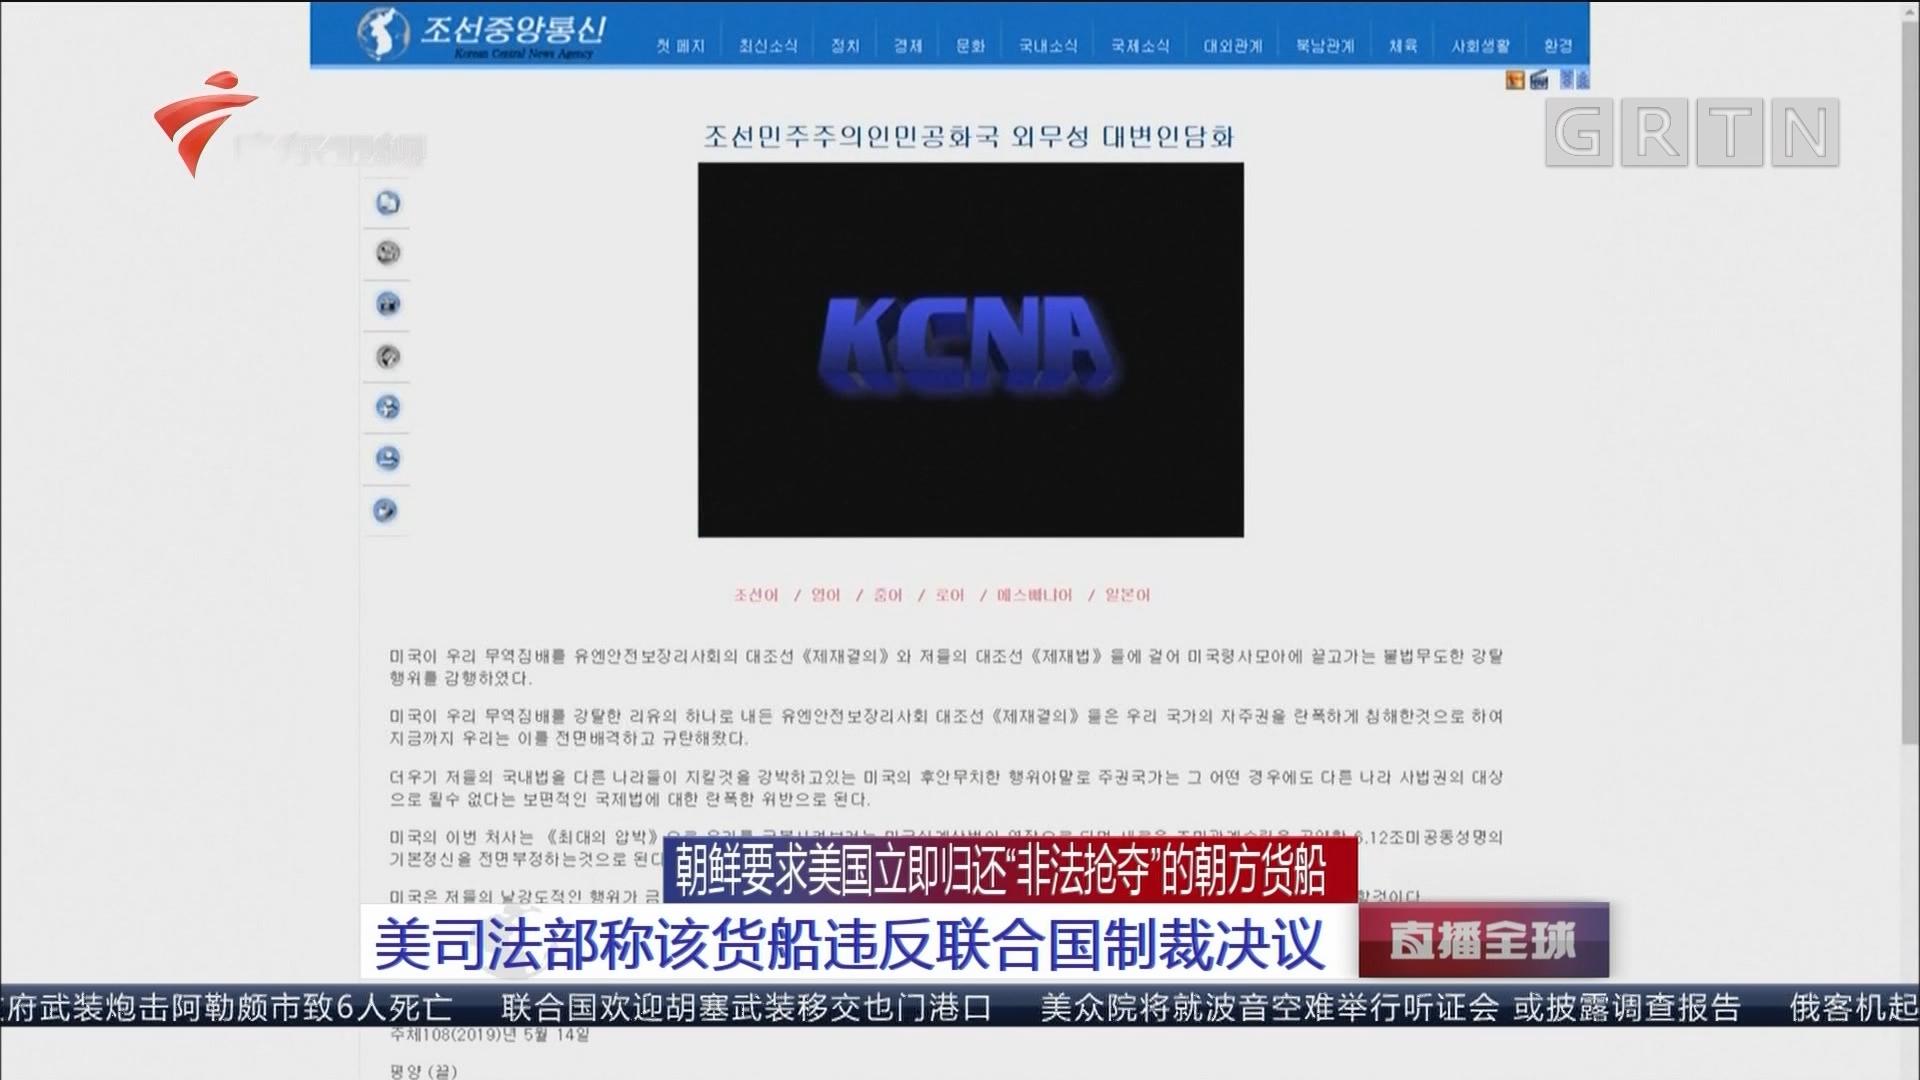 """朝鲜要求美国立即归还""""非法抢夺""""的朝方货船:美司法部称该货船违反联合国制裁决议"""